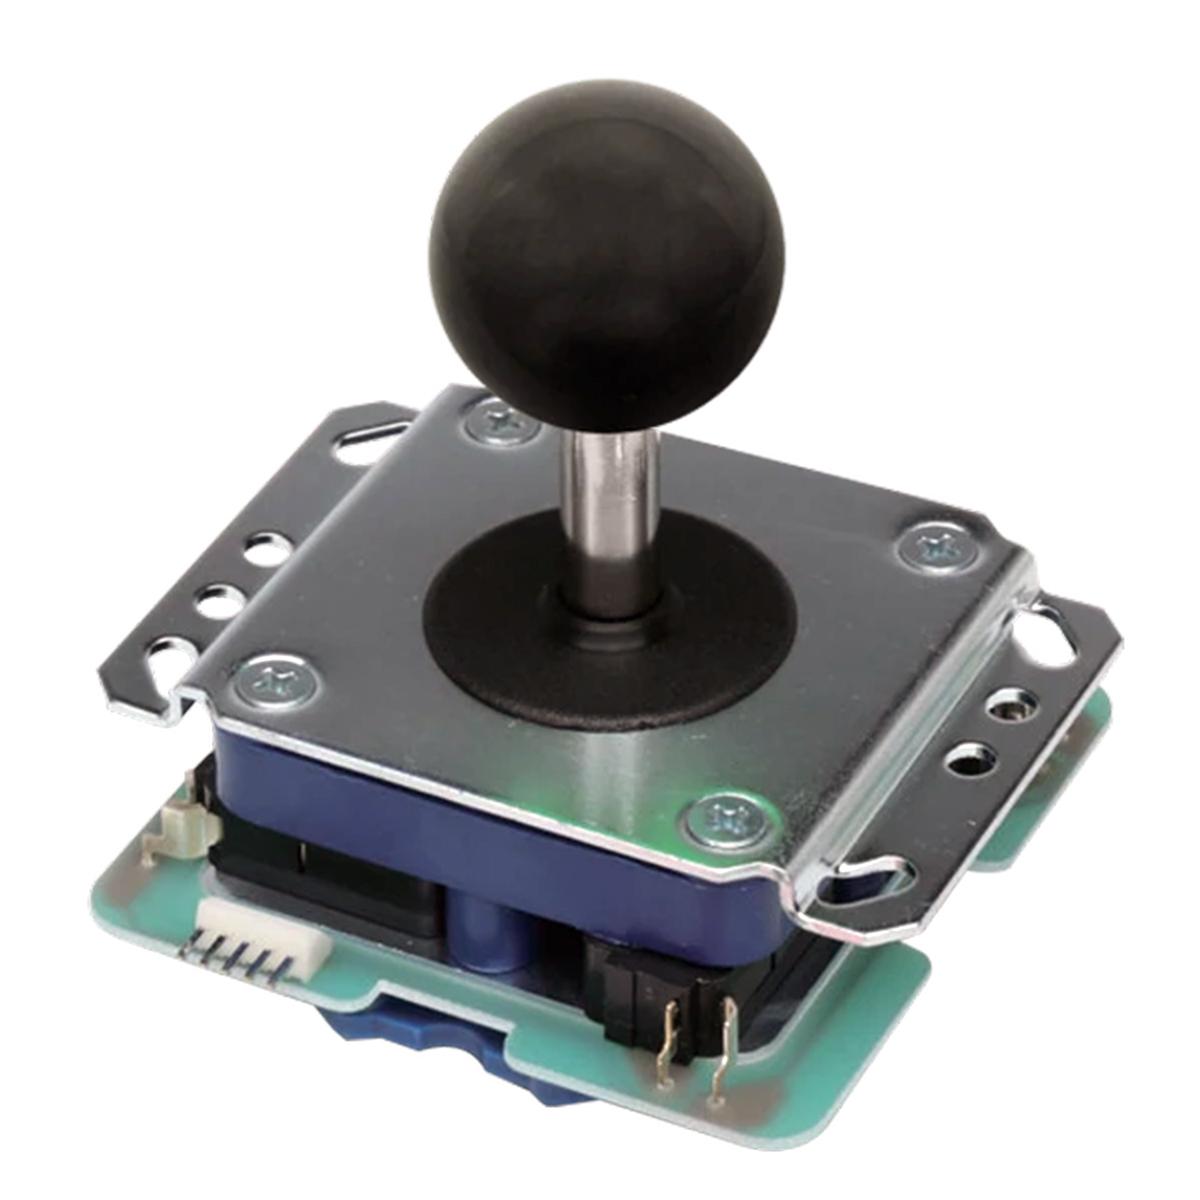 セイミツ工業の最もポピュラーなレバー 新品 送料無料 セイミツ工業 送料無料 激安 お買い得 キ゛フト LS-32-01-SS 基盤タイプジョイスティックレバー